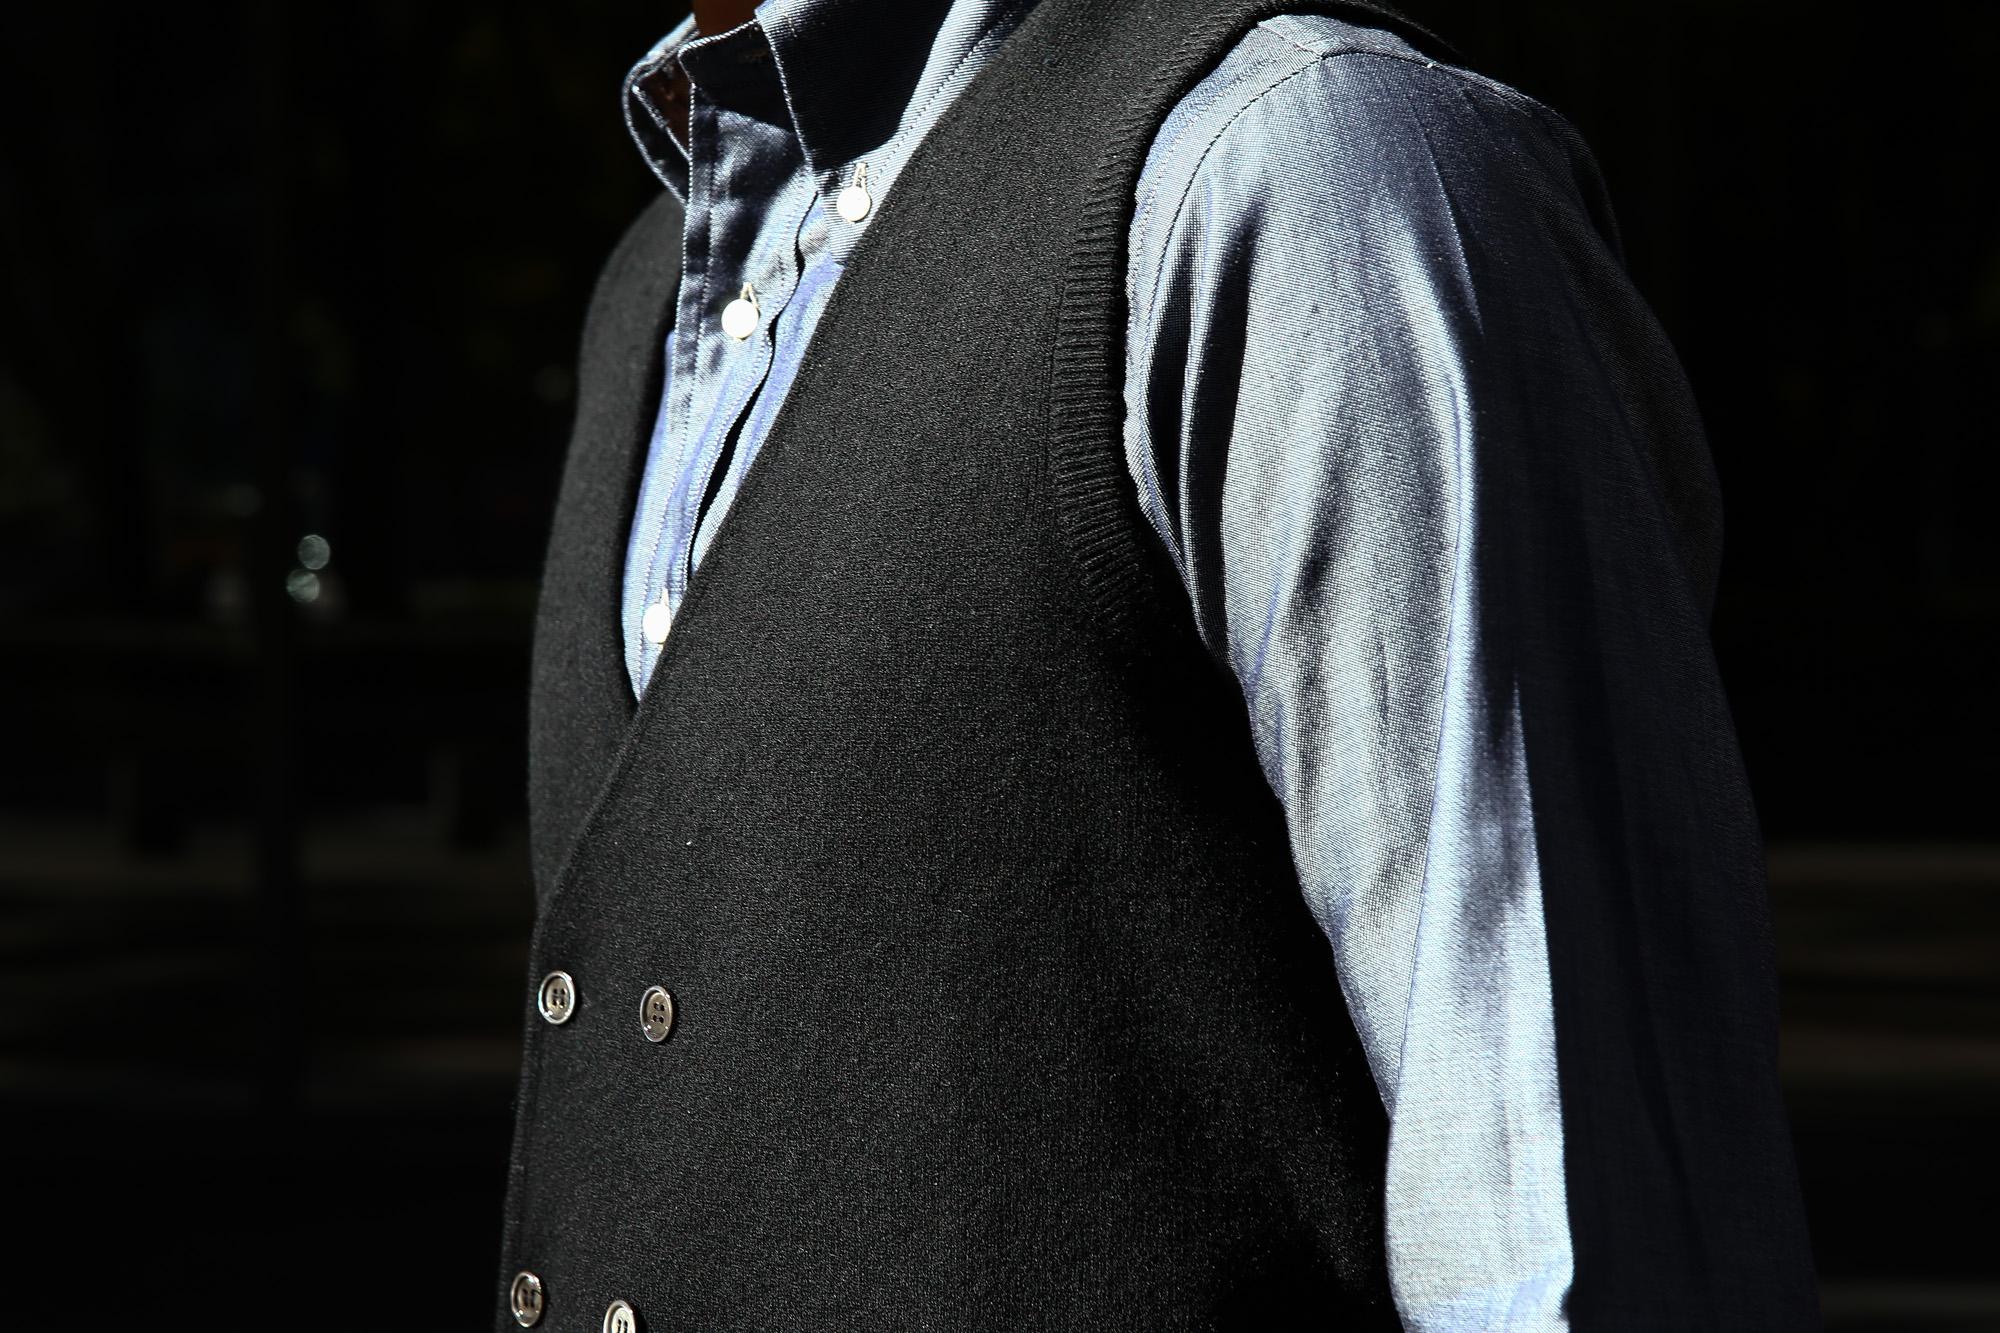 Settefili Cashmere (セッテフィーリ カシミア) Gilet con bottoni (ニットダブルベスト) ウールカシミア ハイゲージ ニットベスト ニットジレBLACK (ブラック・MC005) made in italy (イタリア製) 2016 秋冬新作 44,46,48,50,52 愛知 名古屋 ZODIAC ゾディアック セッテフィーリ セッテフィーリカシミア